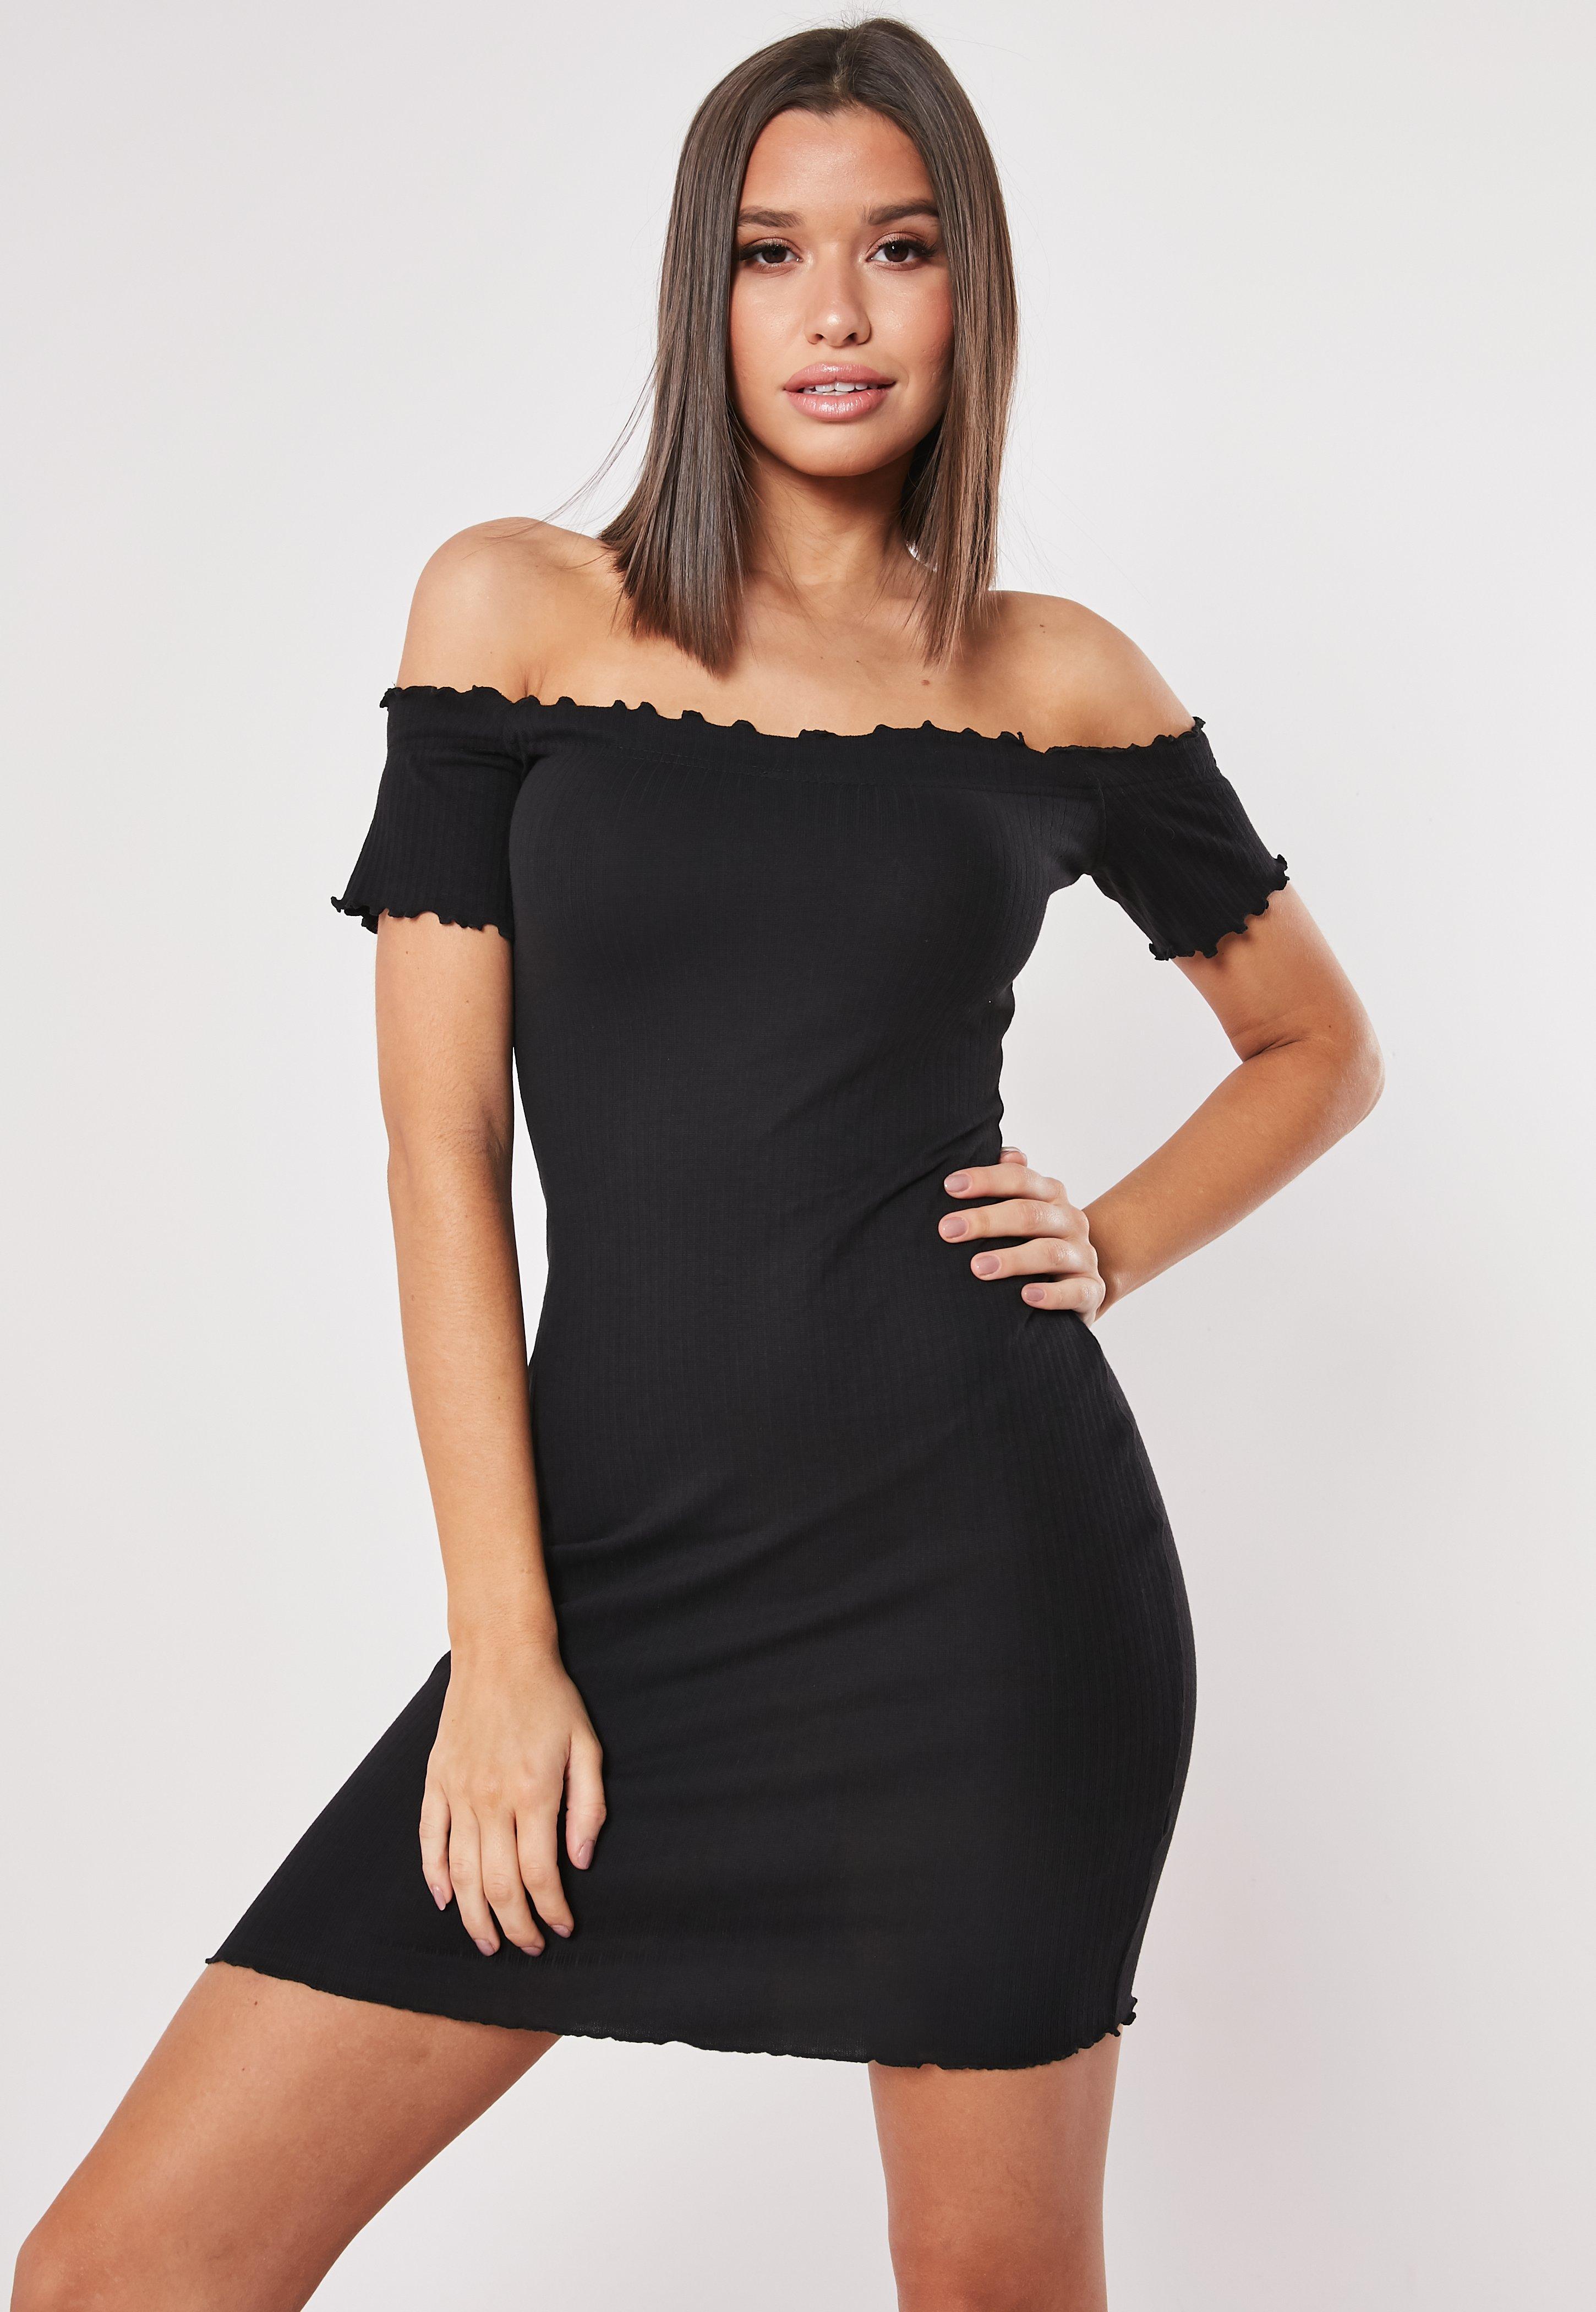 6de3516c7a40 Off the Shoulder Dresses - Bardot Dresses Online